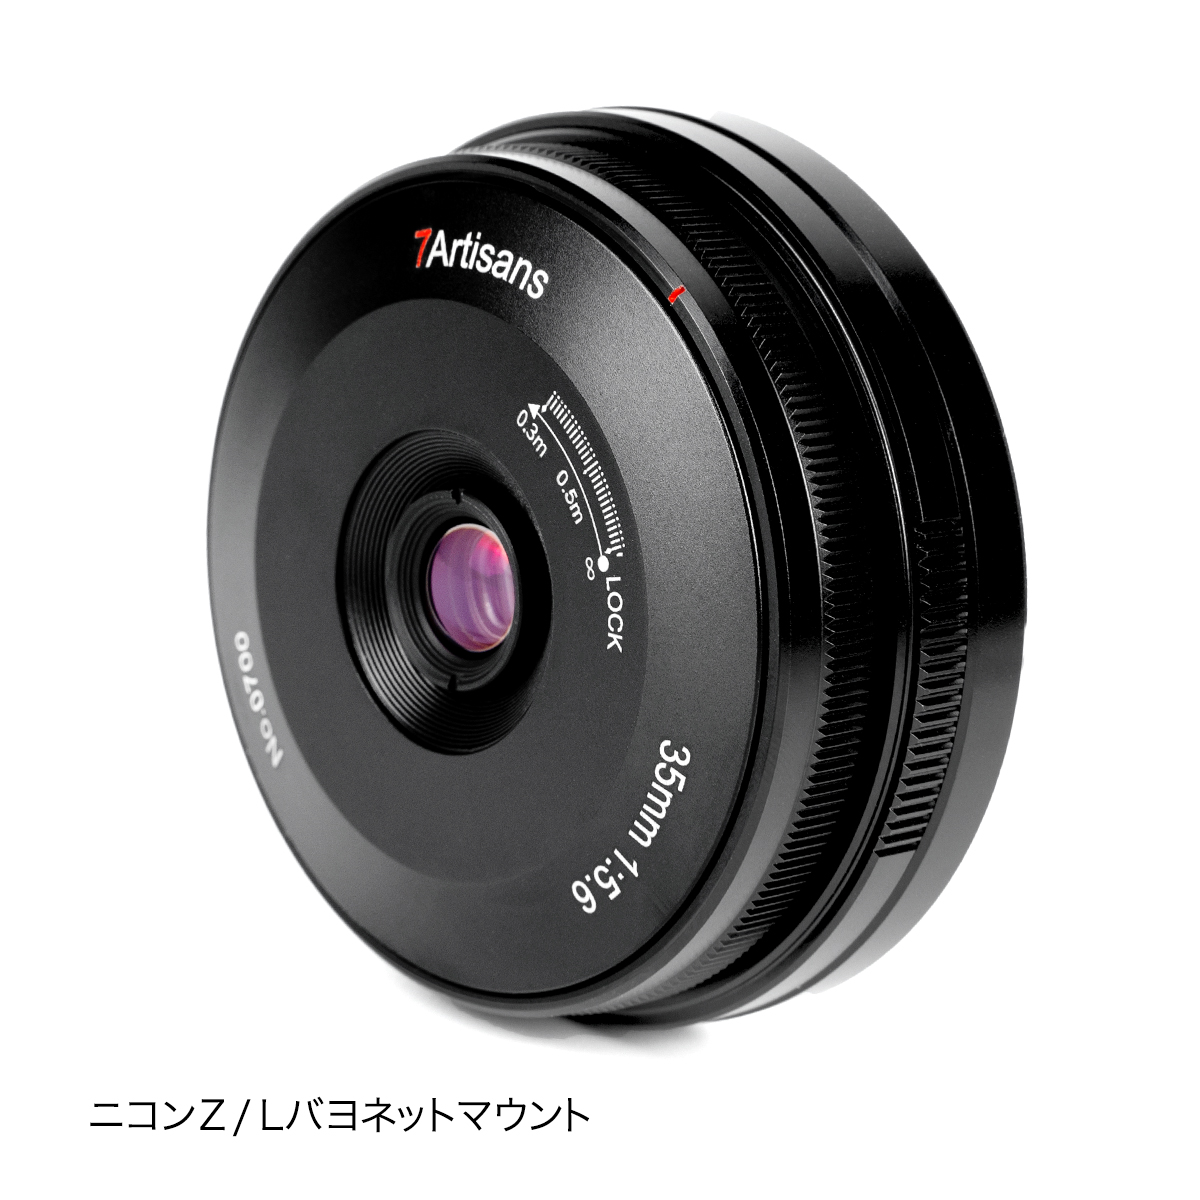 七工匠 7Artisans 35mm F5.6 単焦点レンズ ブラック